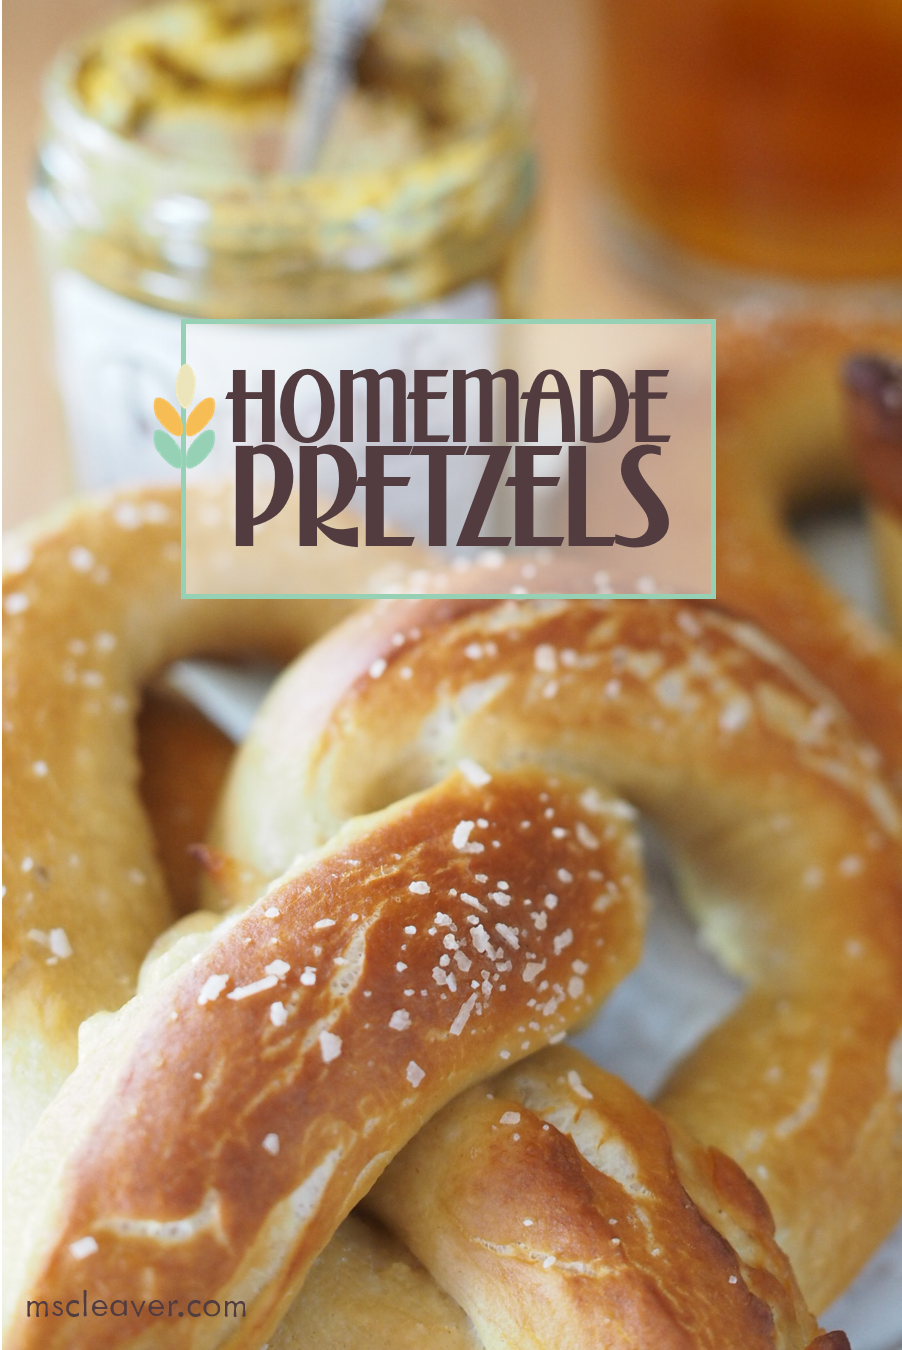 Homemade Pretzel Recipe 1.png